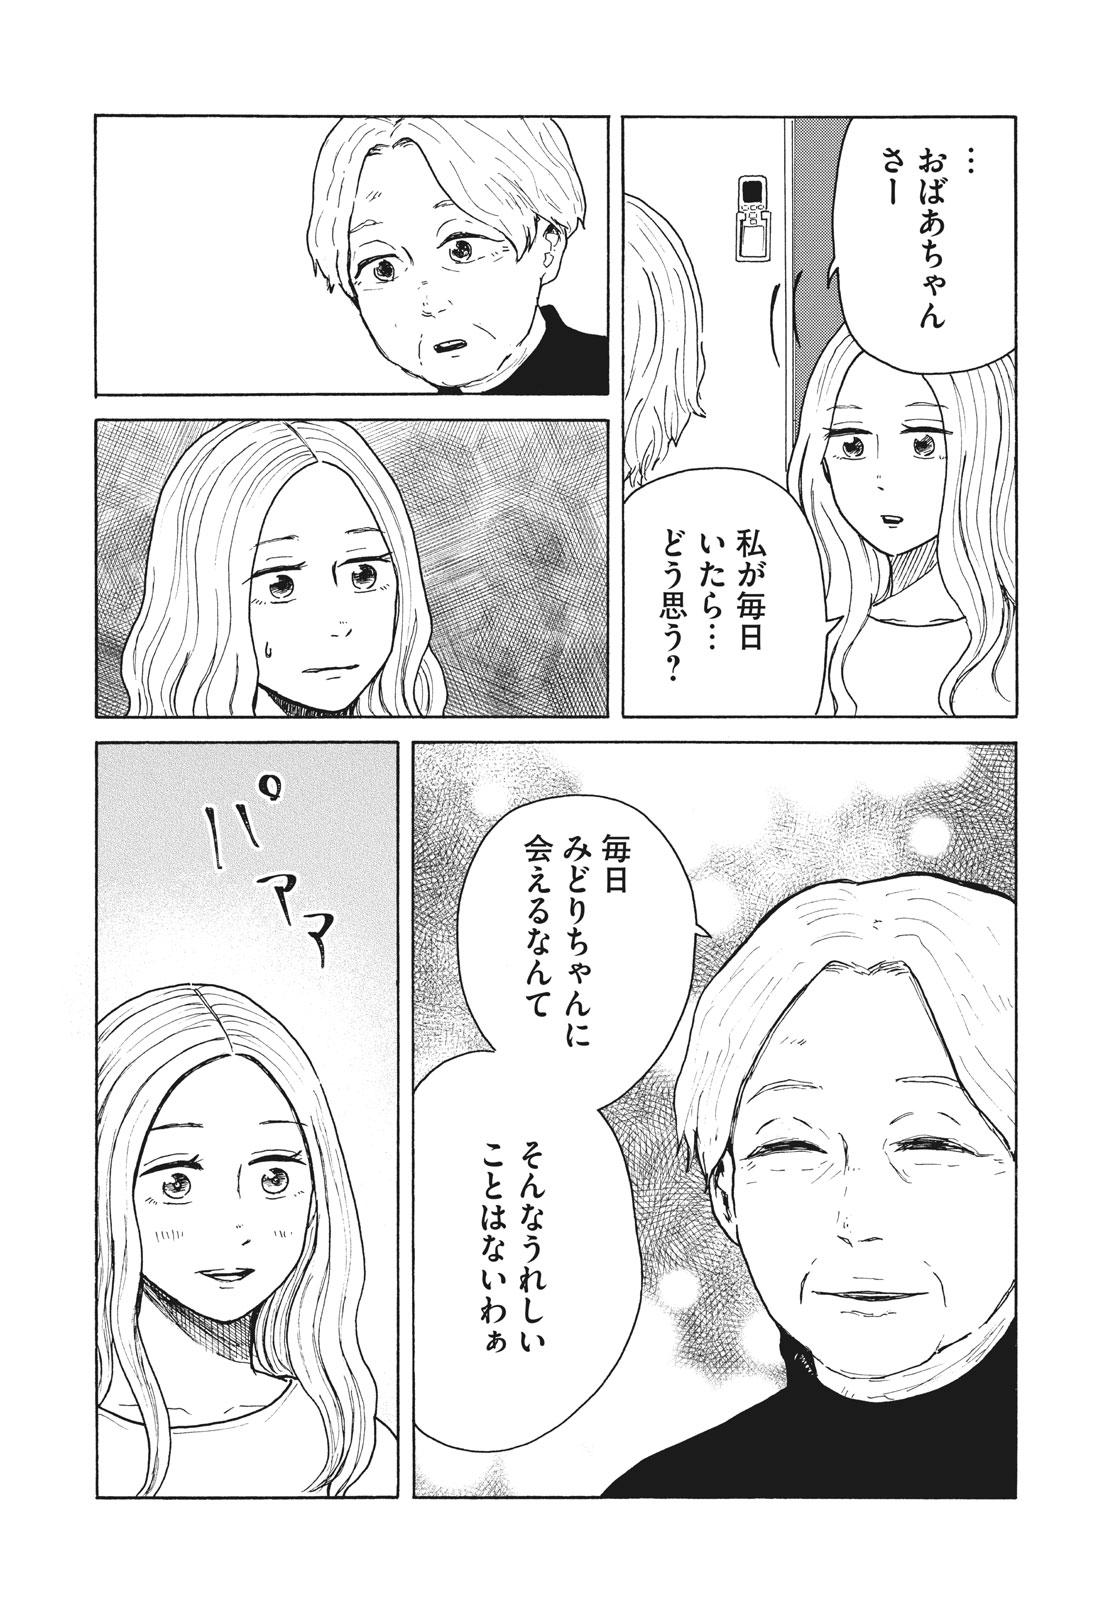 006_30日_2020_014_E.jpg